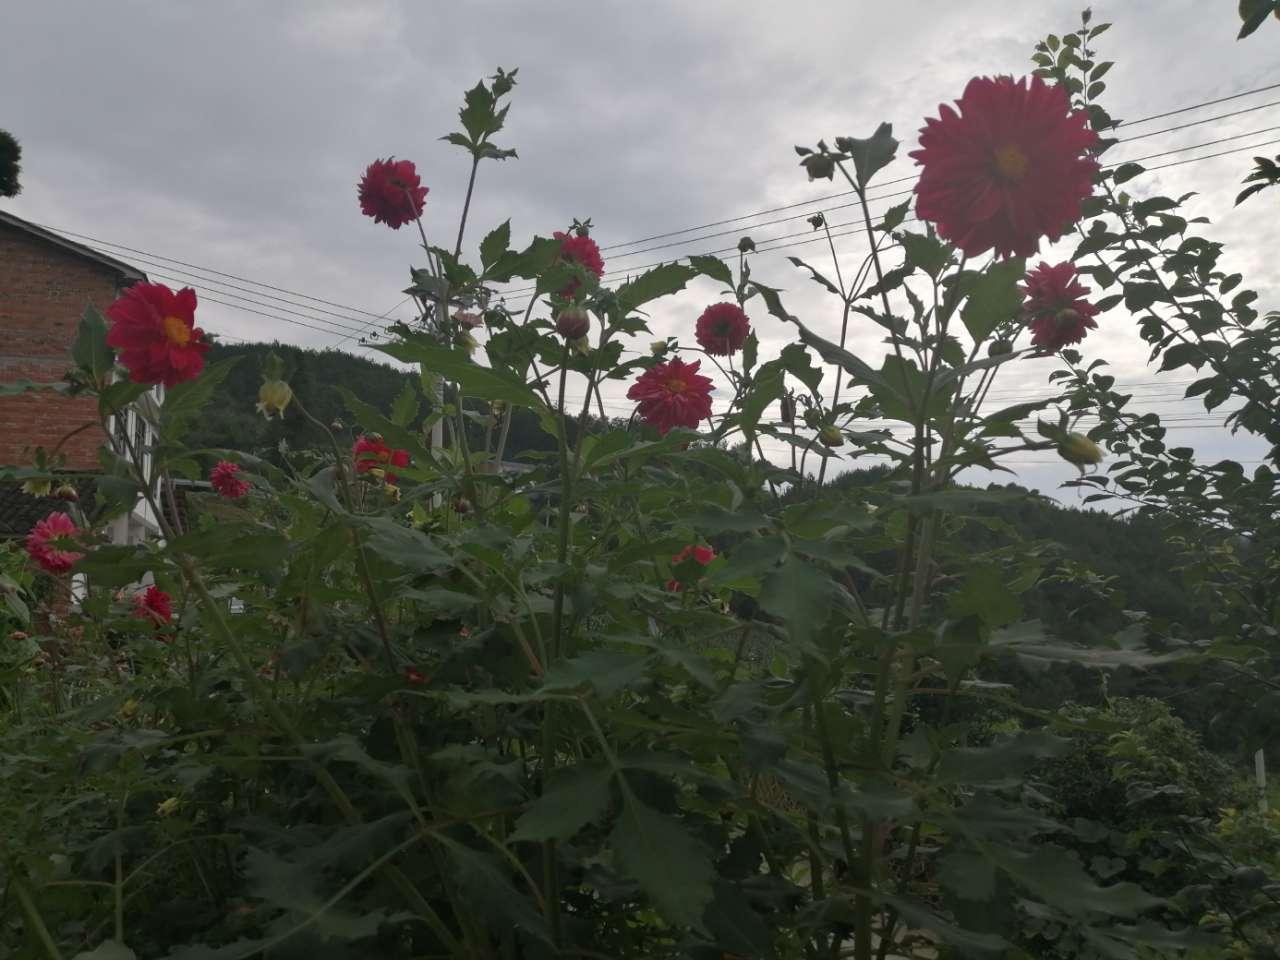 红艳艳的花